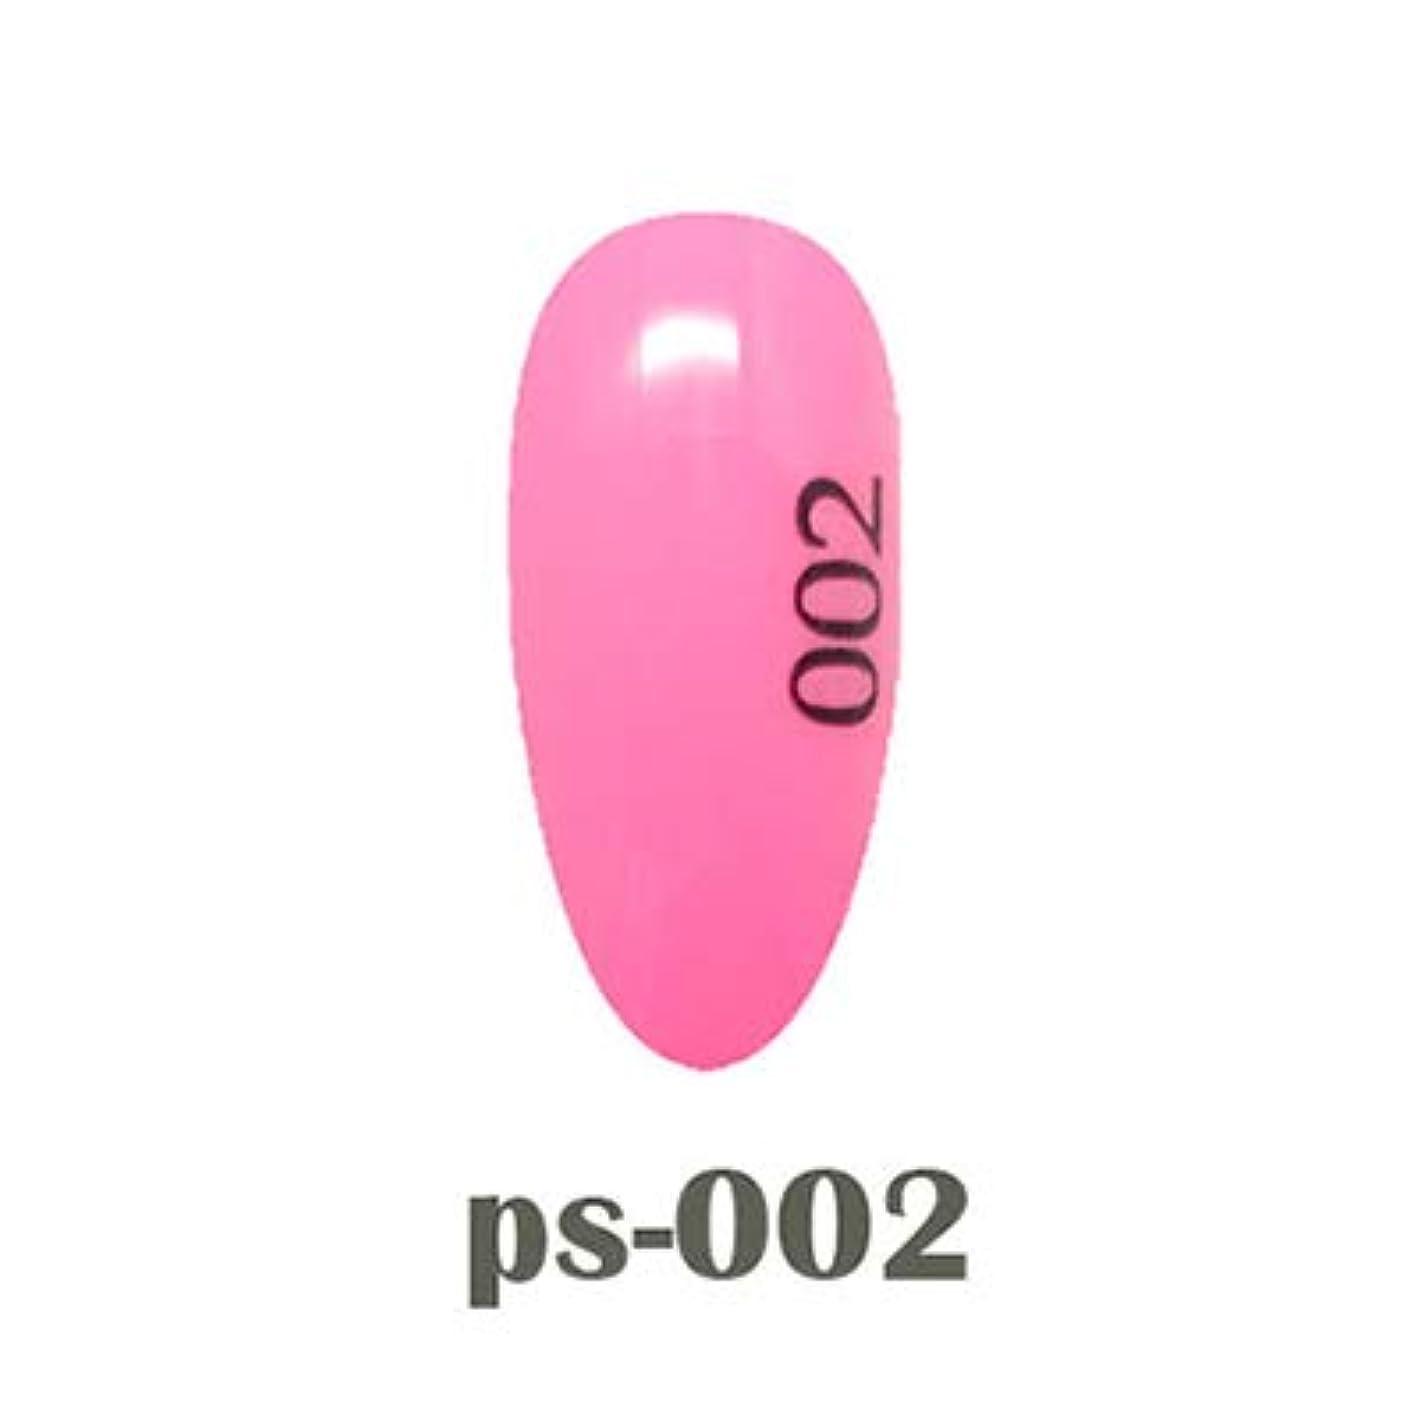 ポータル四自殺アイスジェル カラージェル ポイントパステルシリーズ PP-002 3g